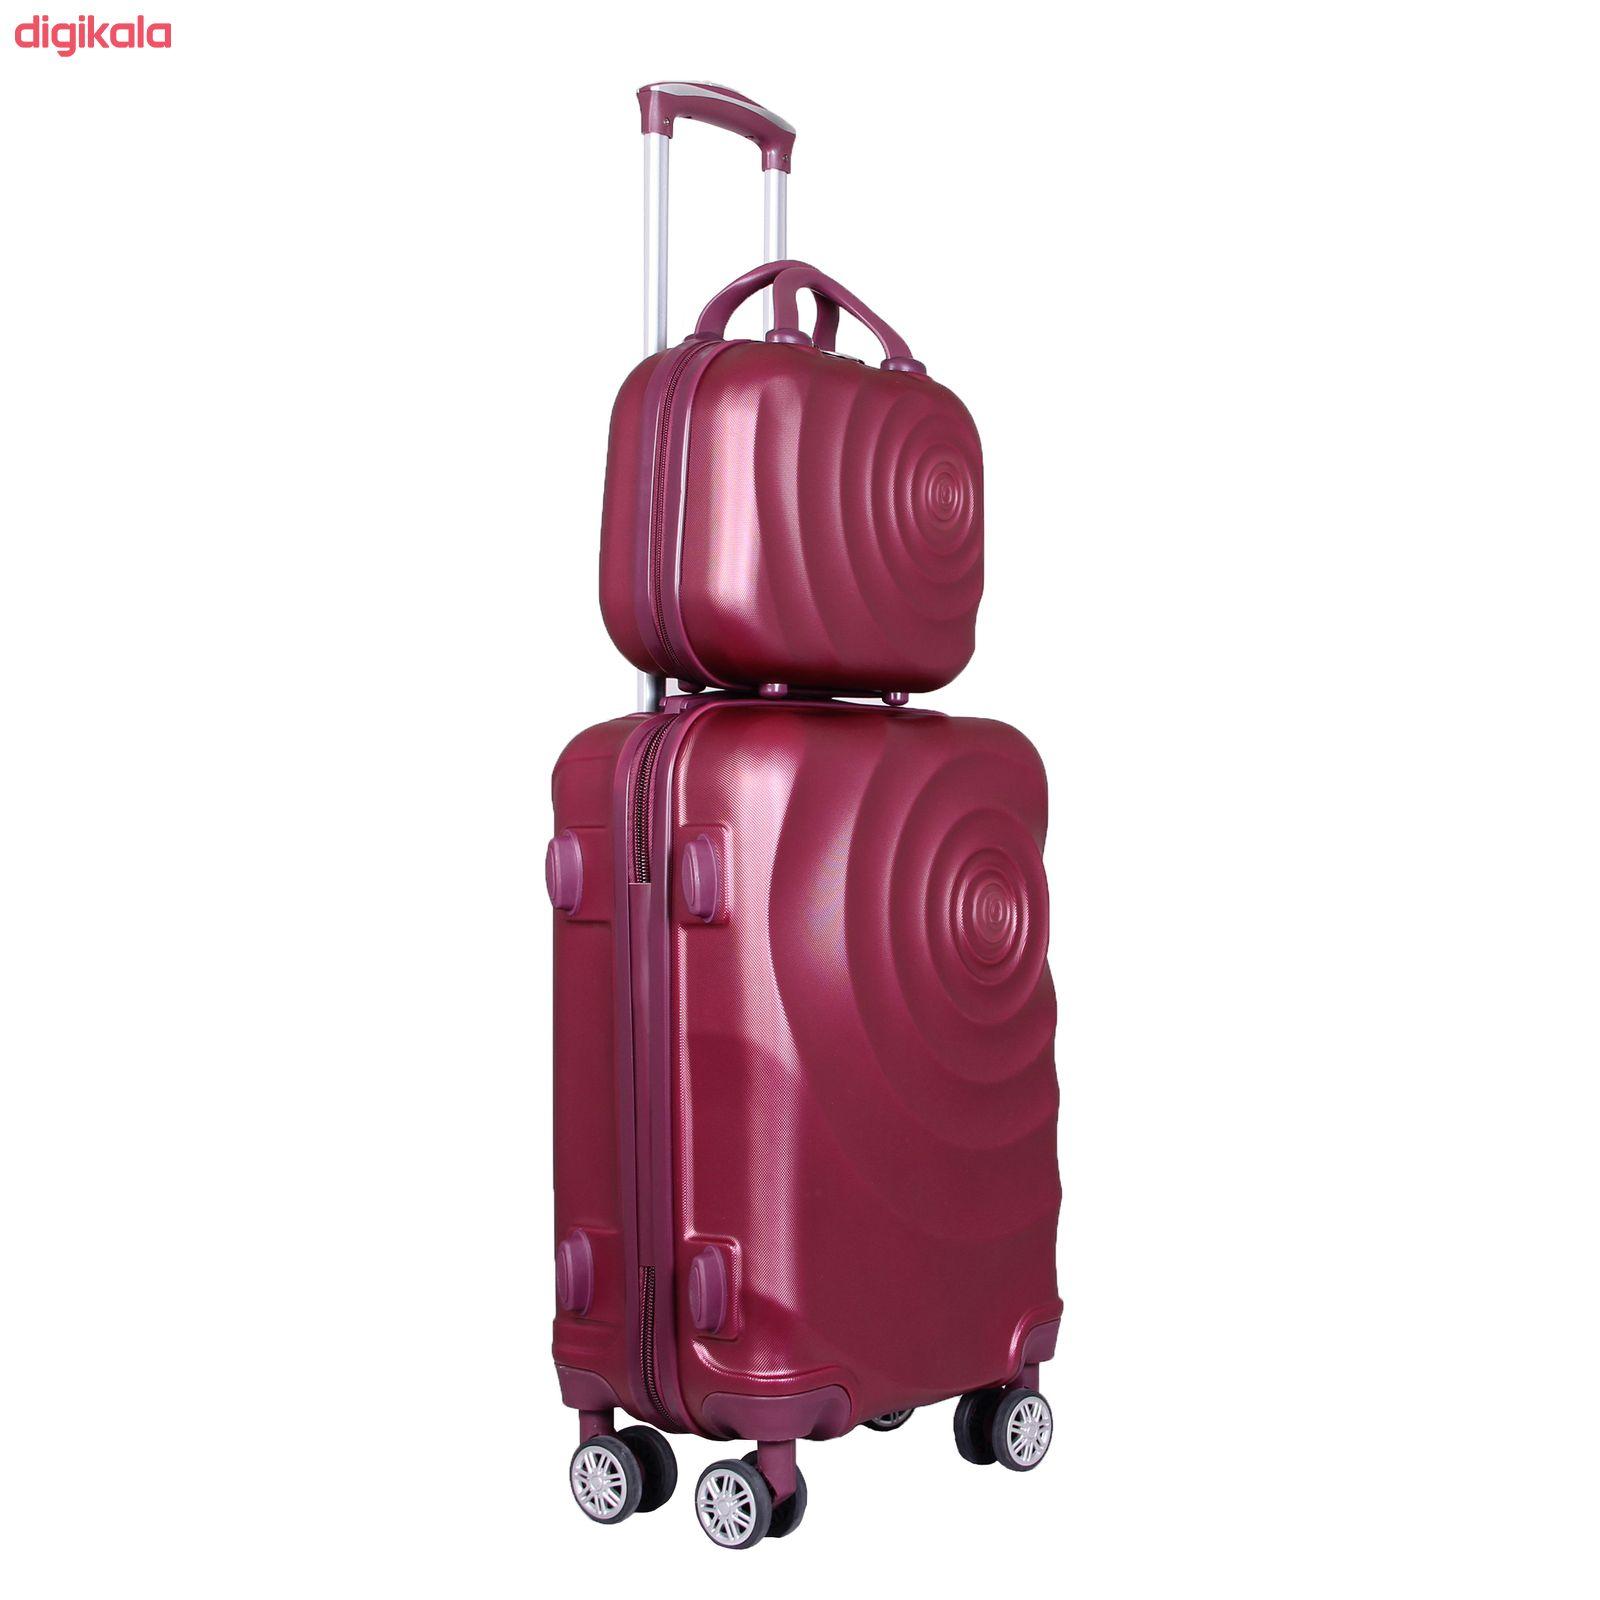 مجموعه چهار عددی چمدان مدل 319363 main 1 15